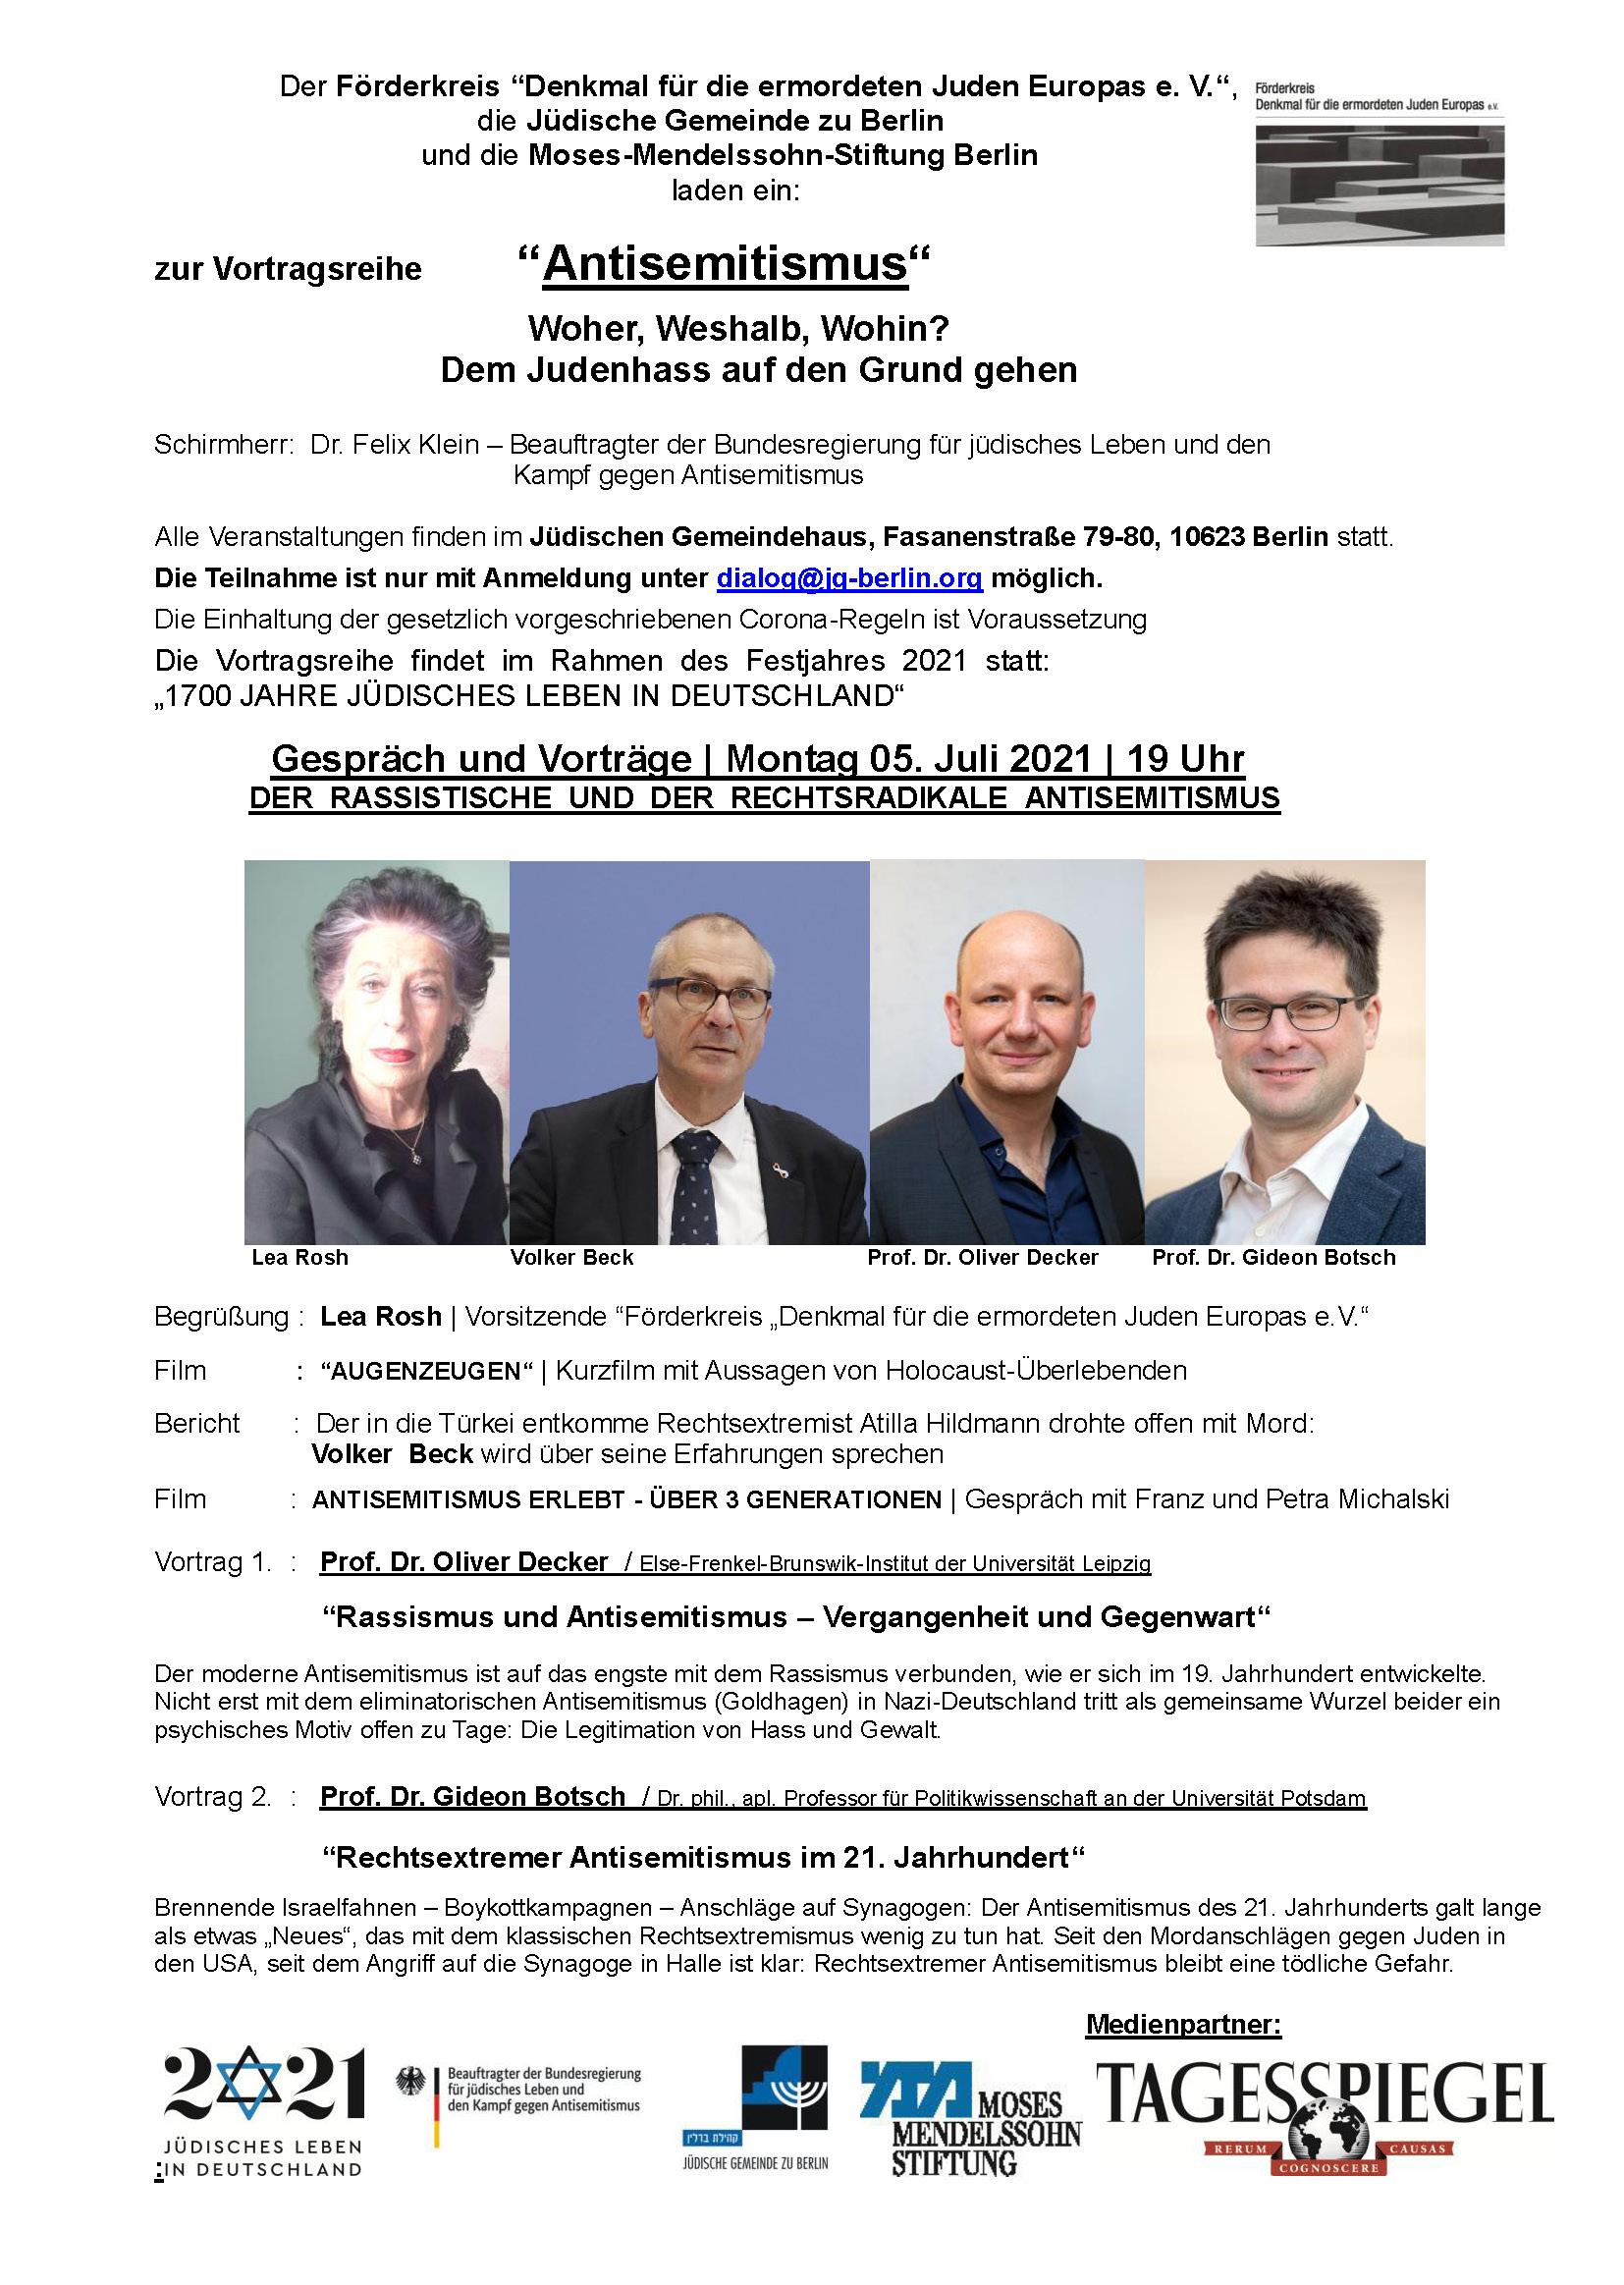 Gespräch und Vorträge: DER RASSISTISCHE UND DER RECHTSRADIKALE ANTISEMITISMUS